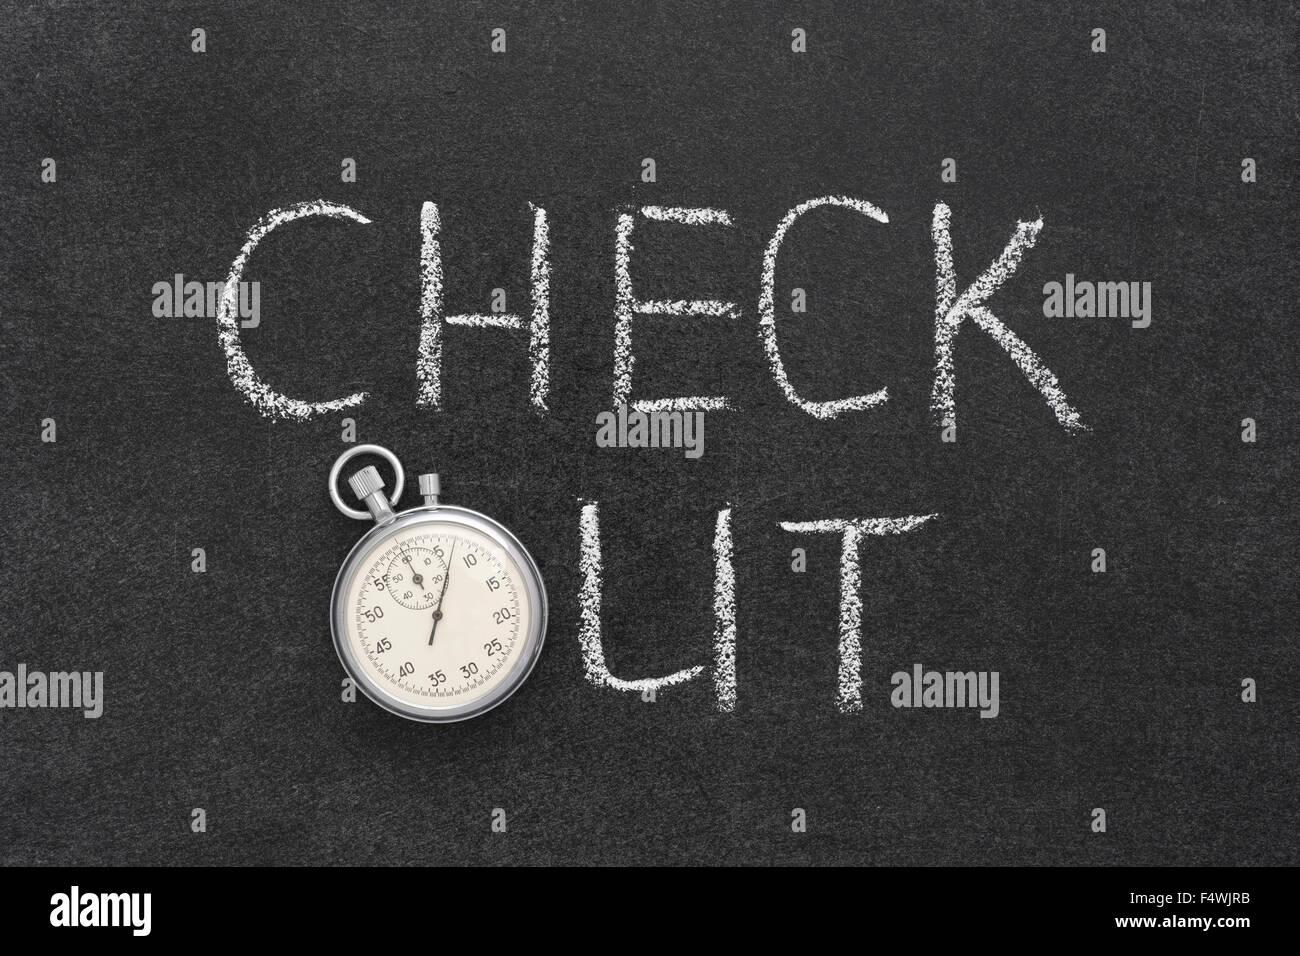 Check out la frase manoscritta su lavagna con vintage cronometro preciso utilizzato al posto di o Immagini Stock